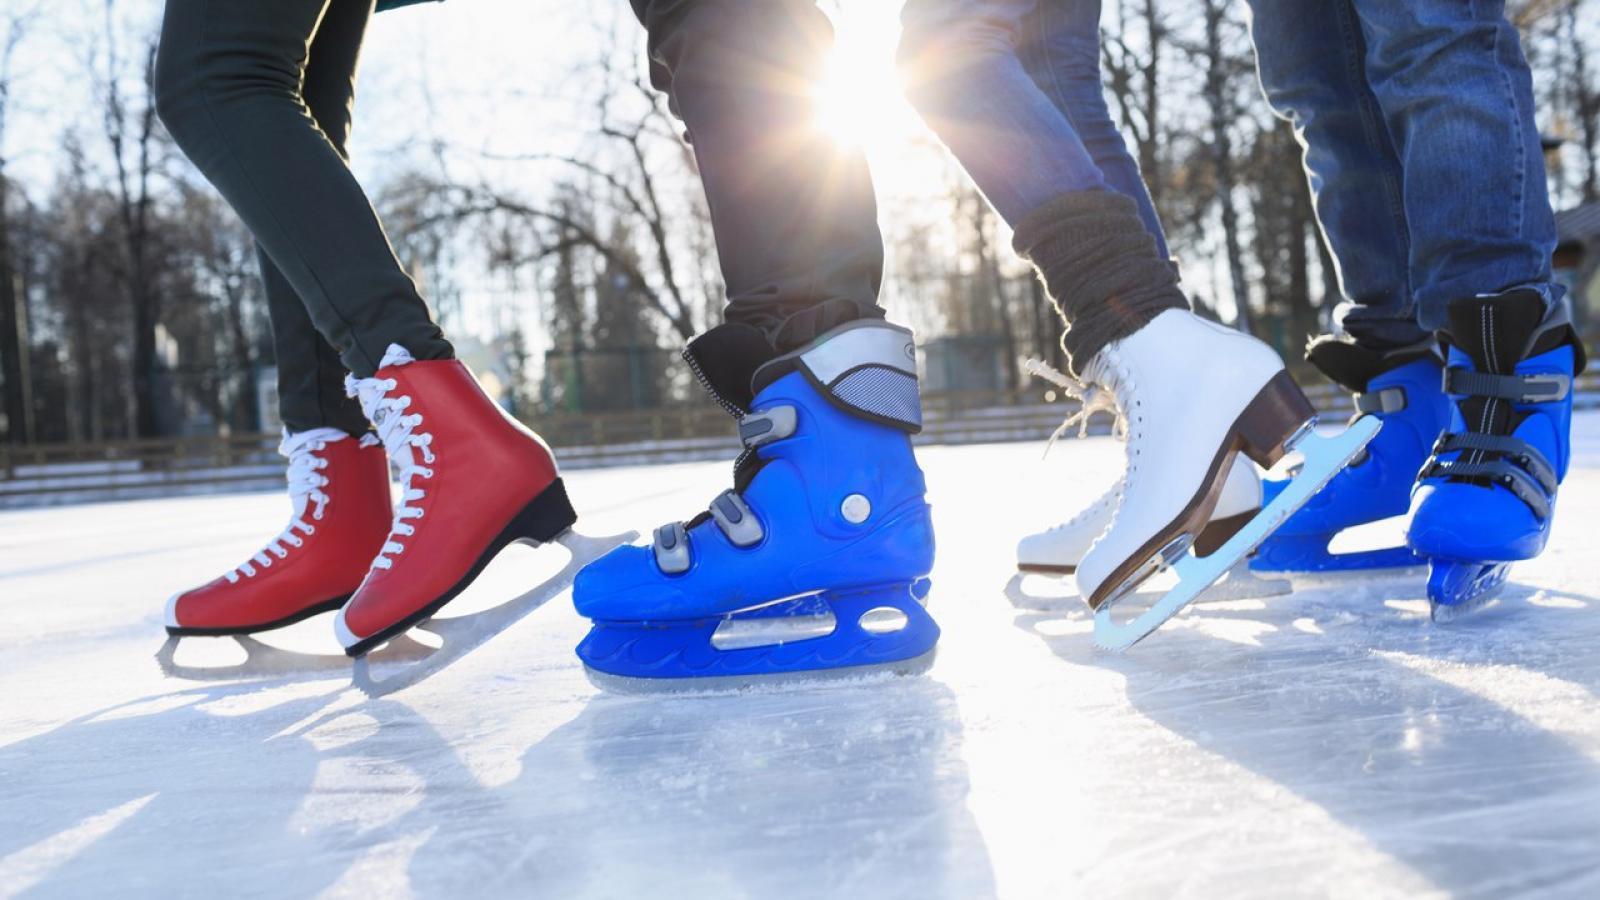 Вологжане смогут бесплатно покататься на коньках каждую субботу